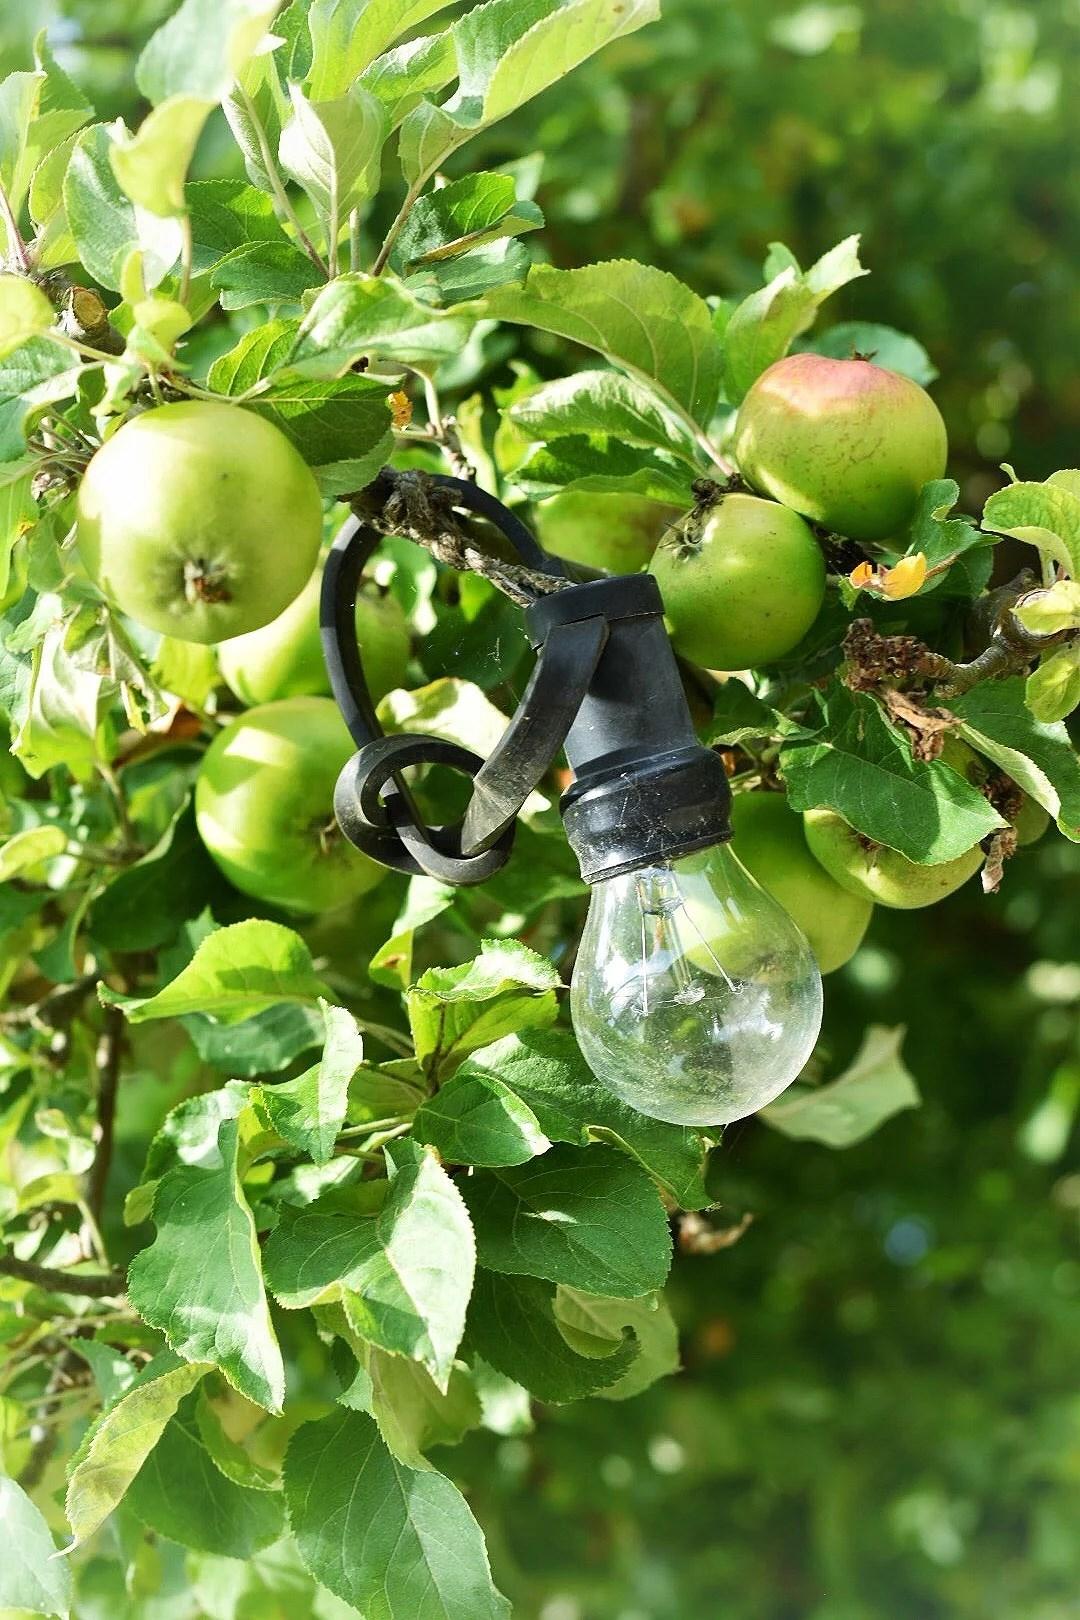 Apples & bulbs